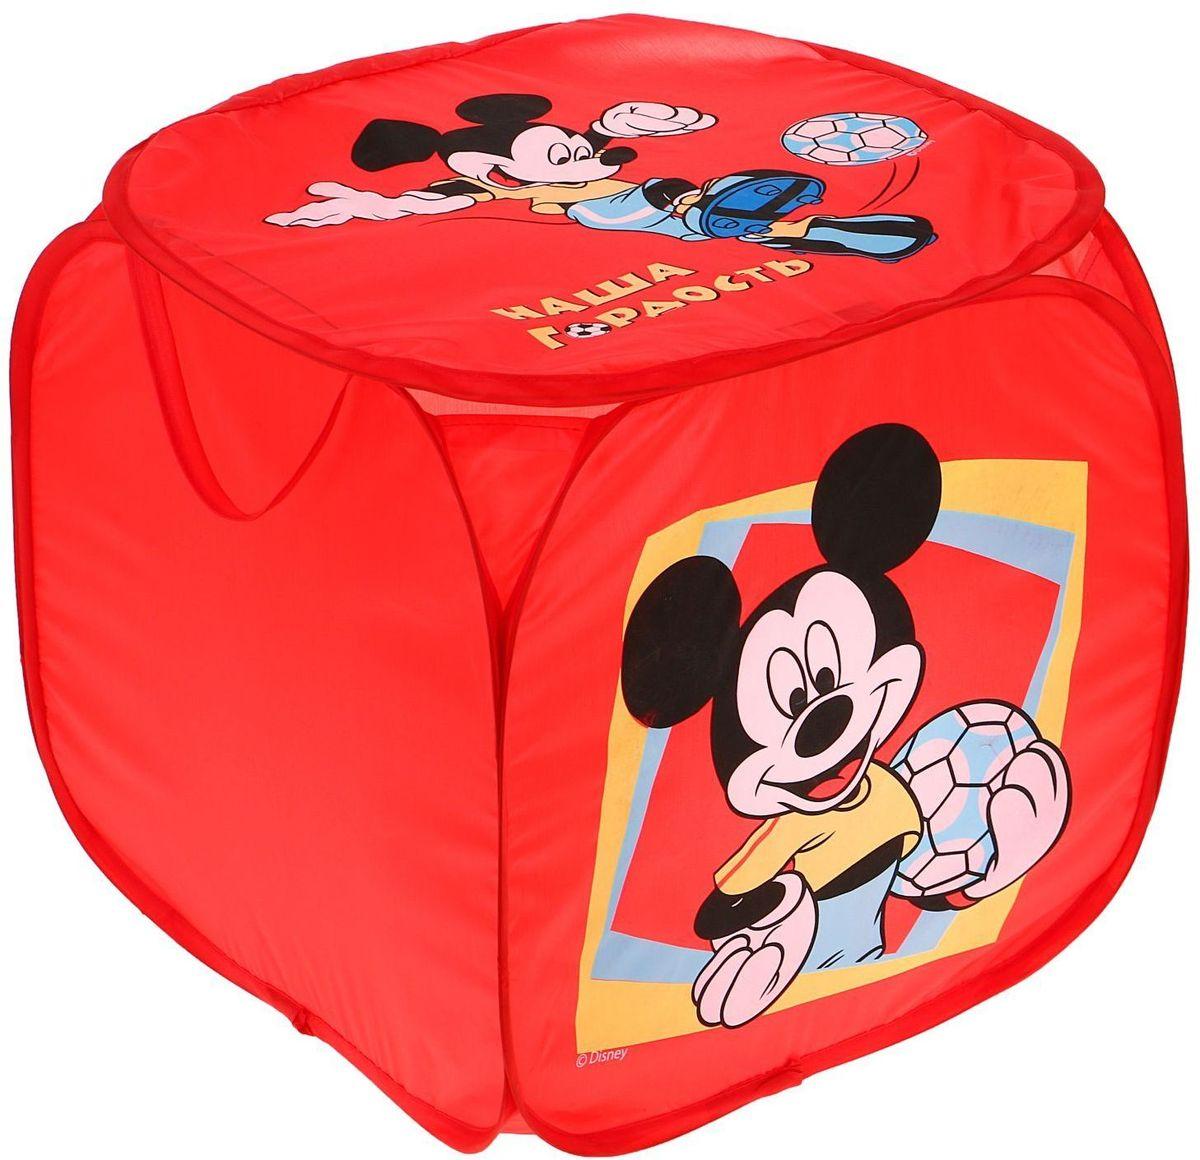 Disney Корзина для хранения Наша гордость Микки Маус1298685С Disney уборка веселей! Квадратная корзина с героями любимого мультфильма приведёт ребёнка в восторг: малыш сам будет прибирать игрушки без лишних напоминаний! Изделие дополнено двумя ручками, за которые куб можно подвесить или перемещать с места на место. Крышка с красочным изображением известного персонажа Disney защитит содержимое корзины от пыли и других загрязнений.